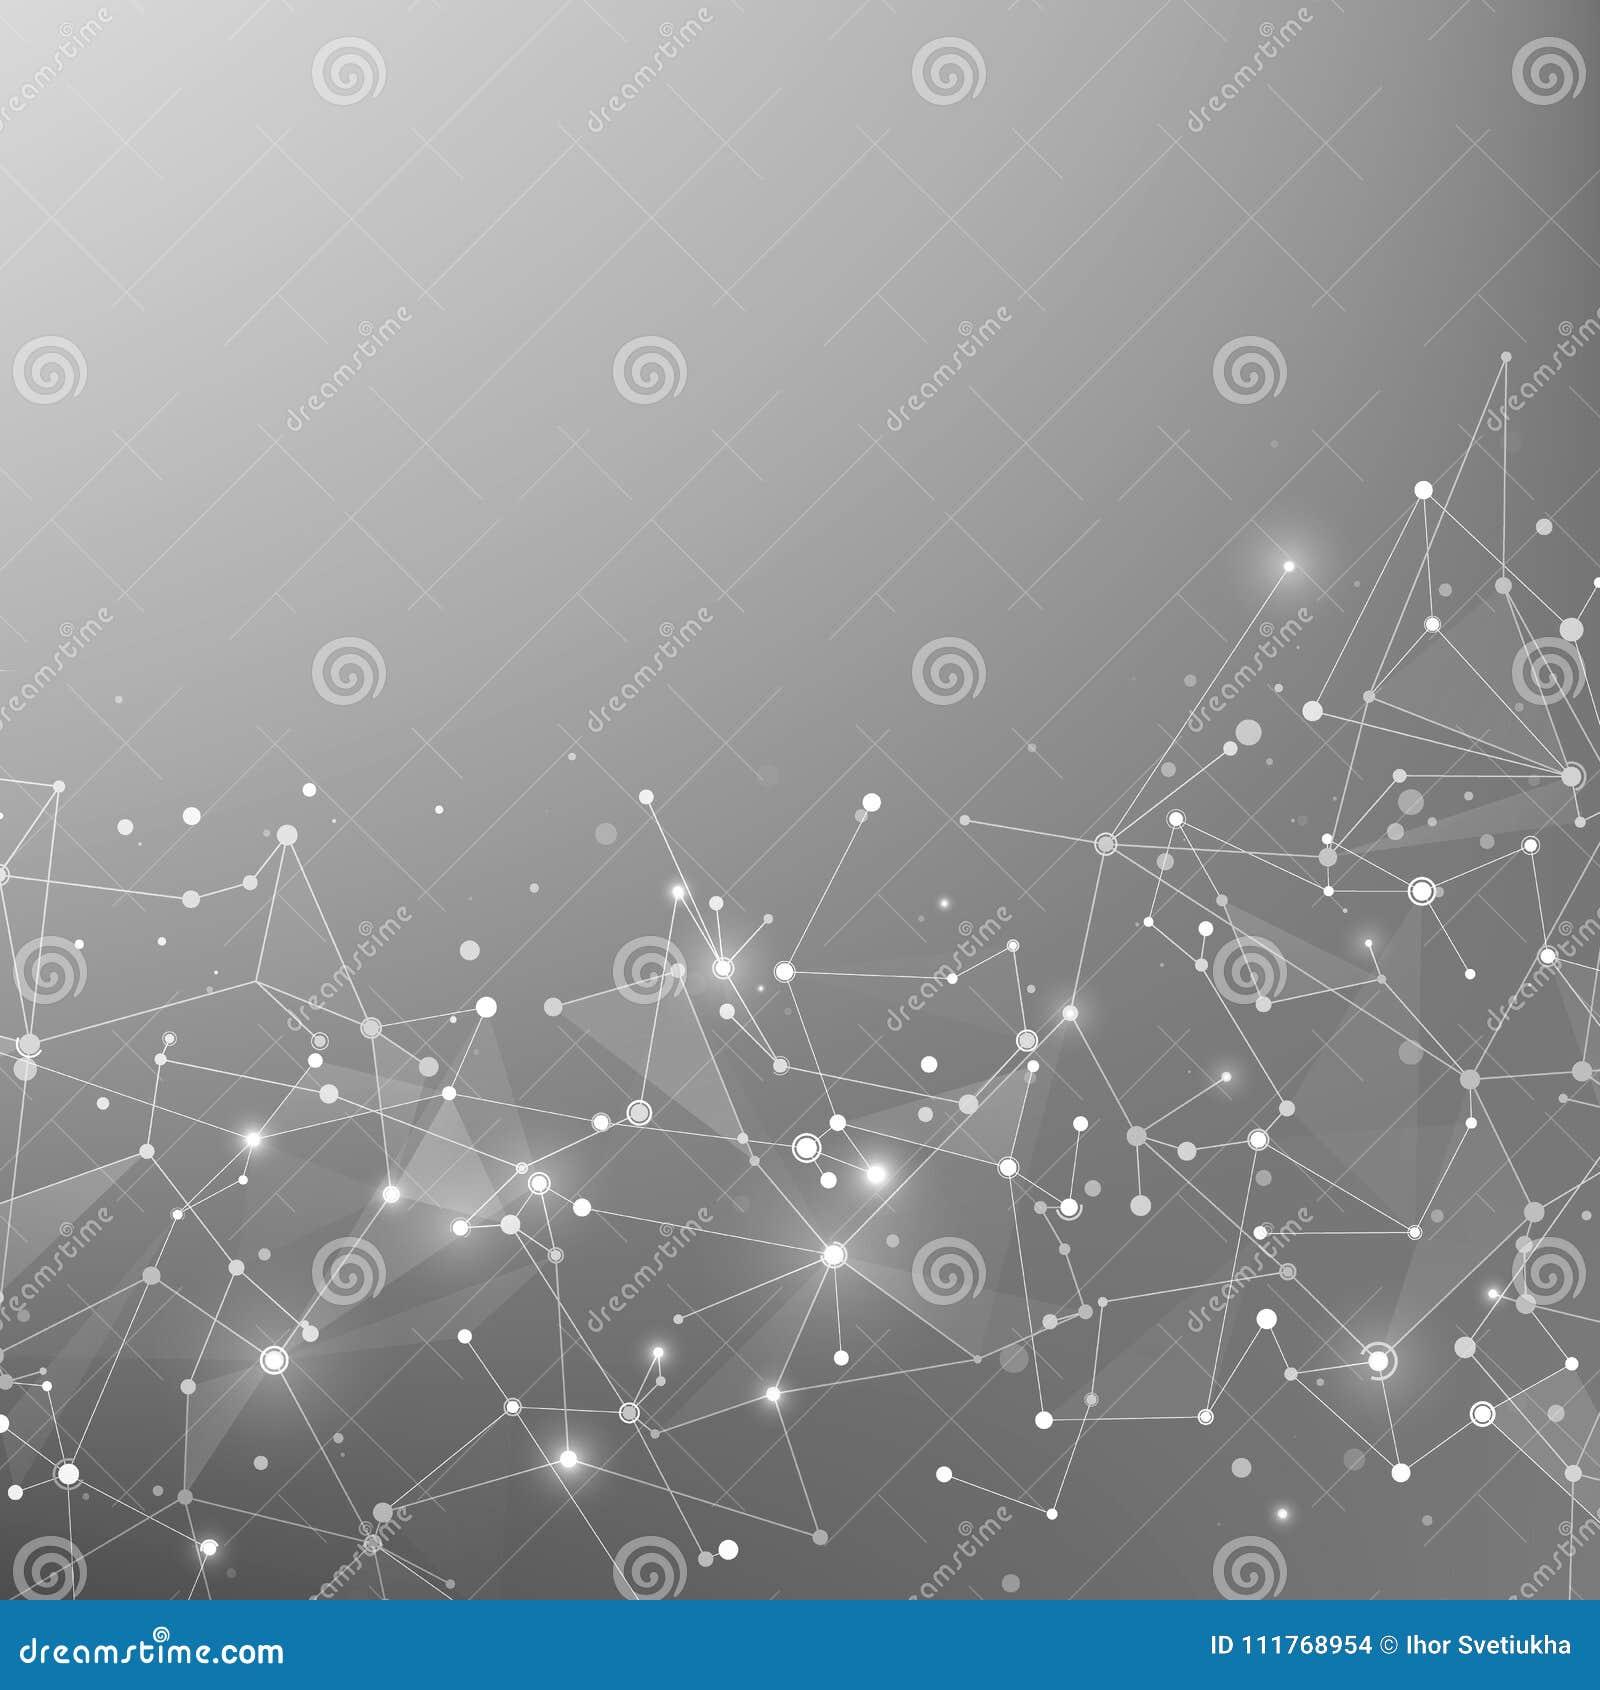 Technologie- und Wissenschaftshintergrund Polygonaler Hintergrund Abstraktes Netz und Knoten Plexusatomstruktur Vektor